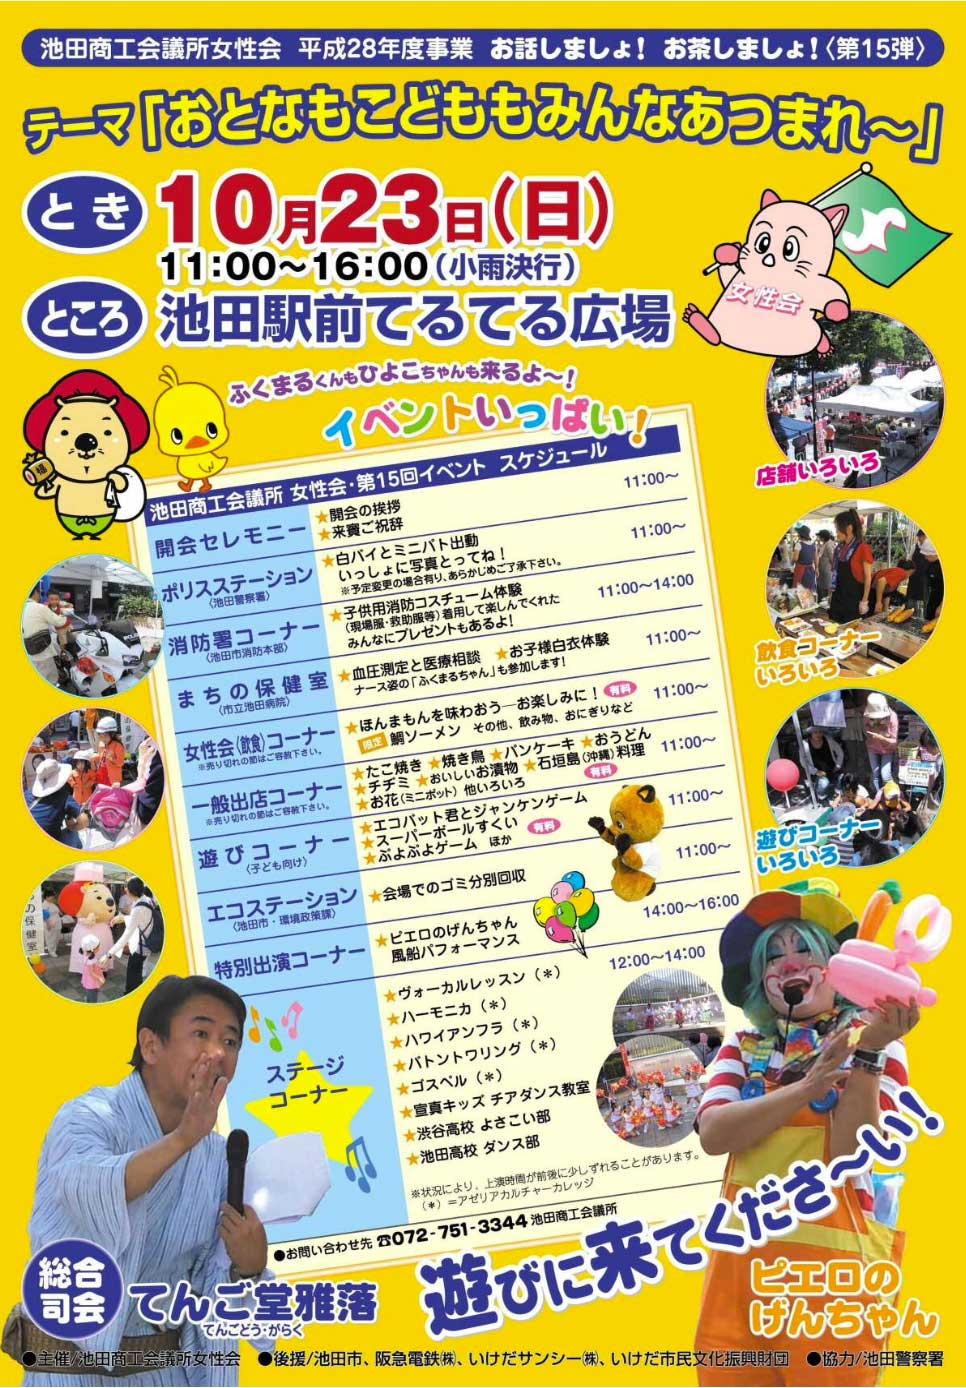 【10月23日(日)】おとなもこどももみんなあつまれ〜♪ 池田駅前でゲームやイベントを楽しもう!